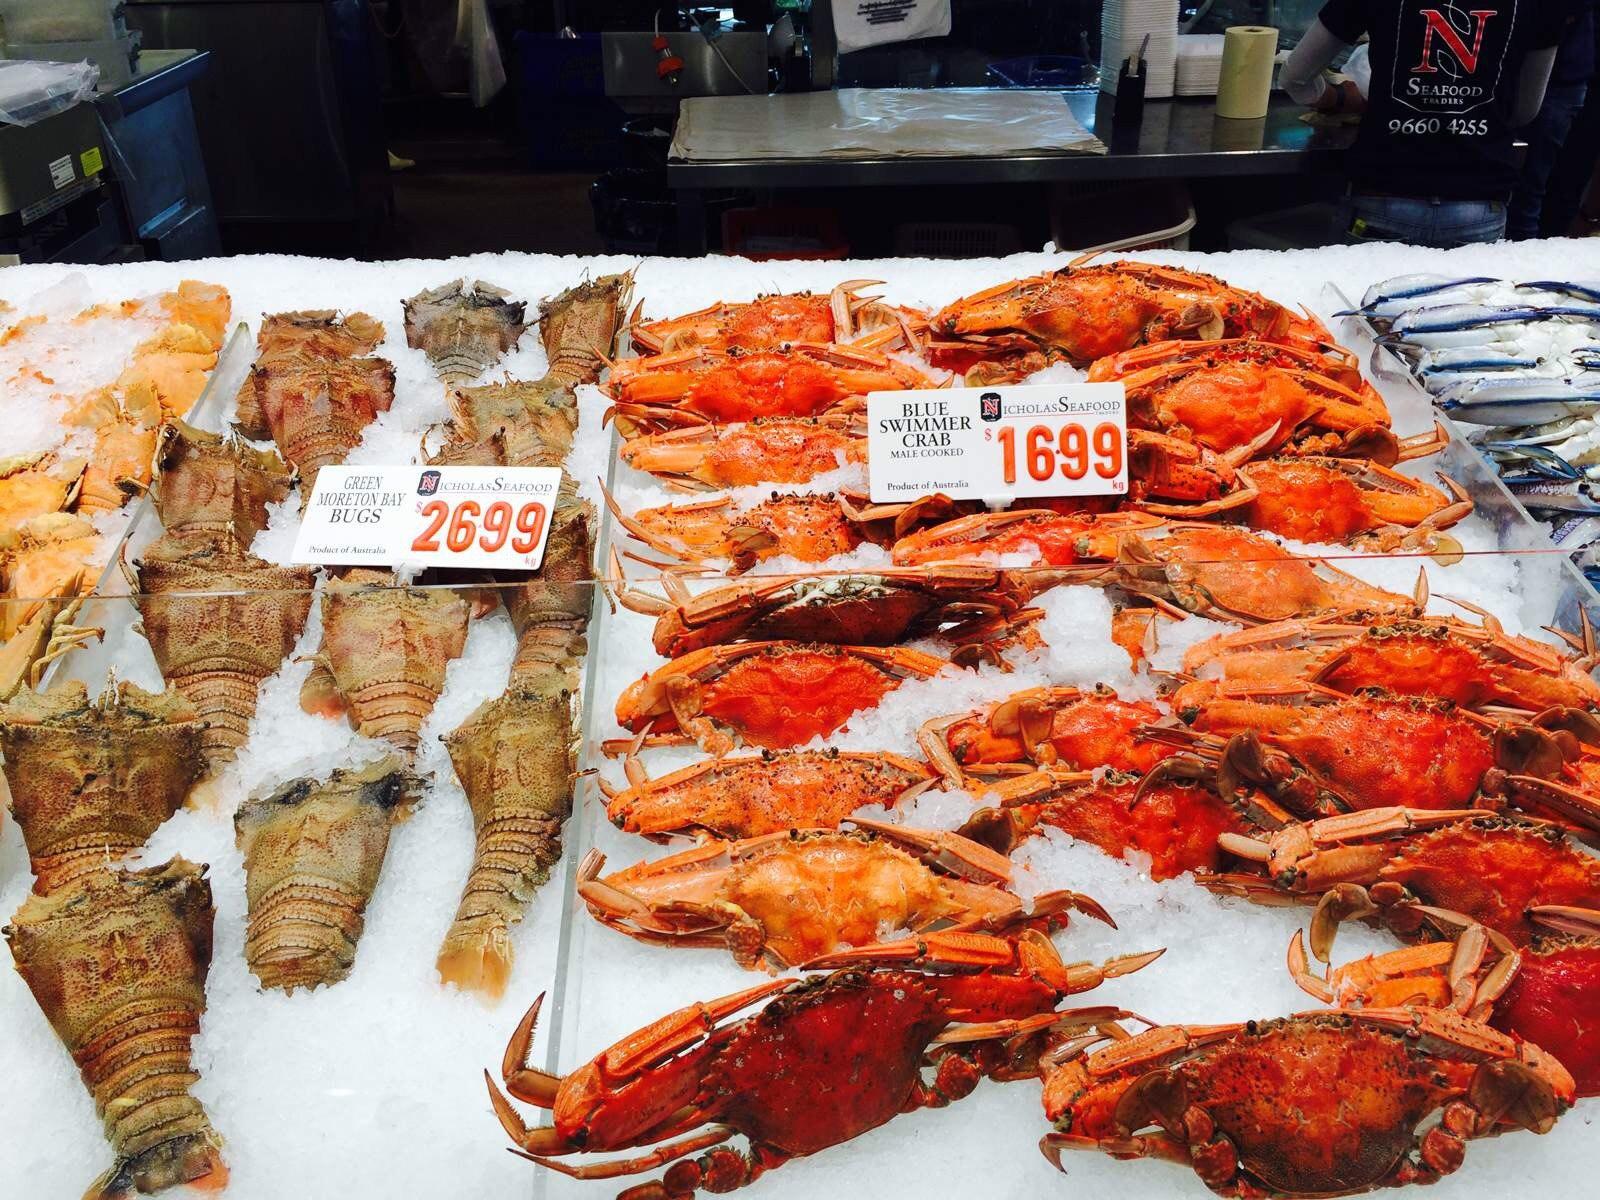 来到【悉尼】,一定要到【海鲜市场】品尝当地最新鲜,最美味,最让人